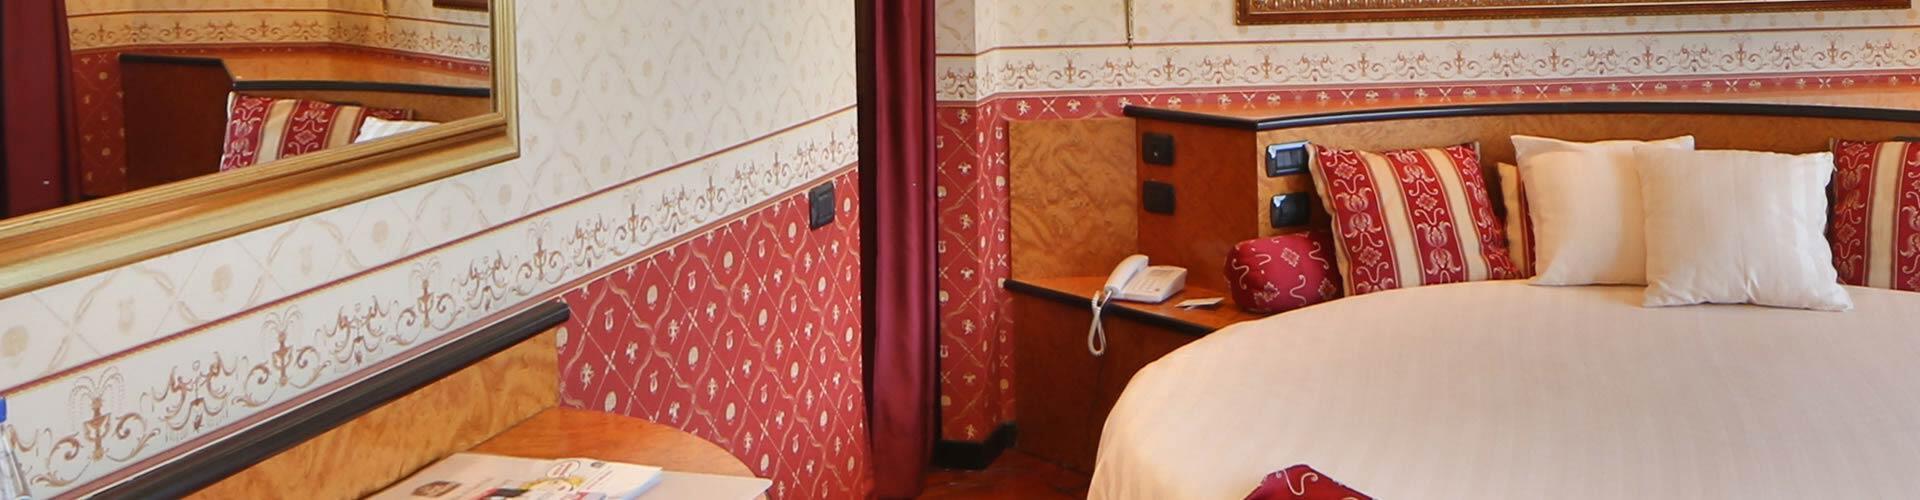 hoteldavidpalace de gallery 001